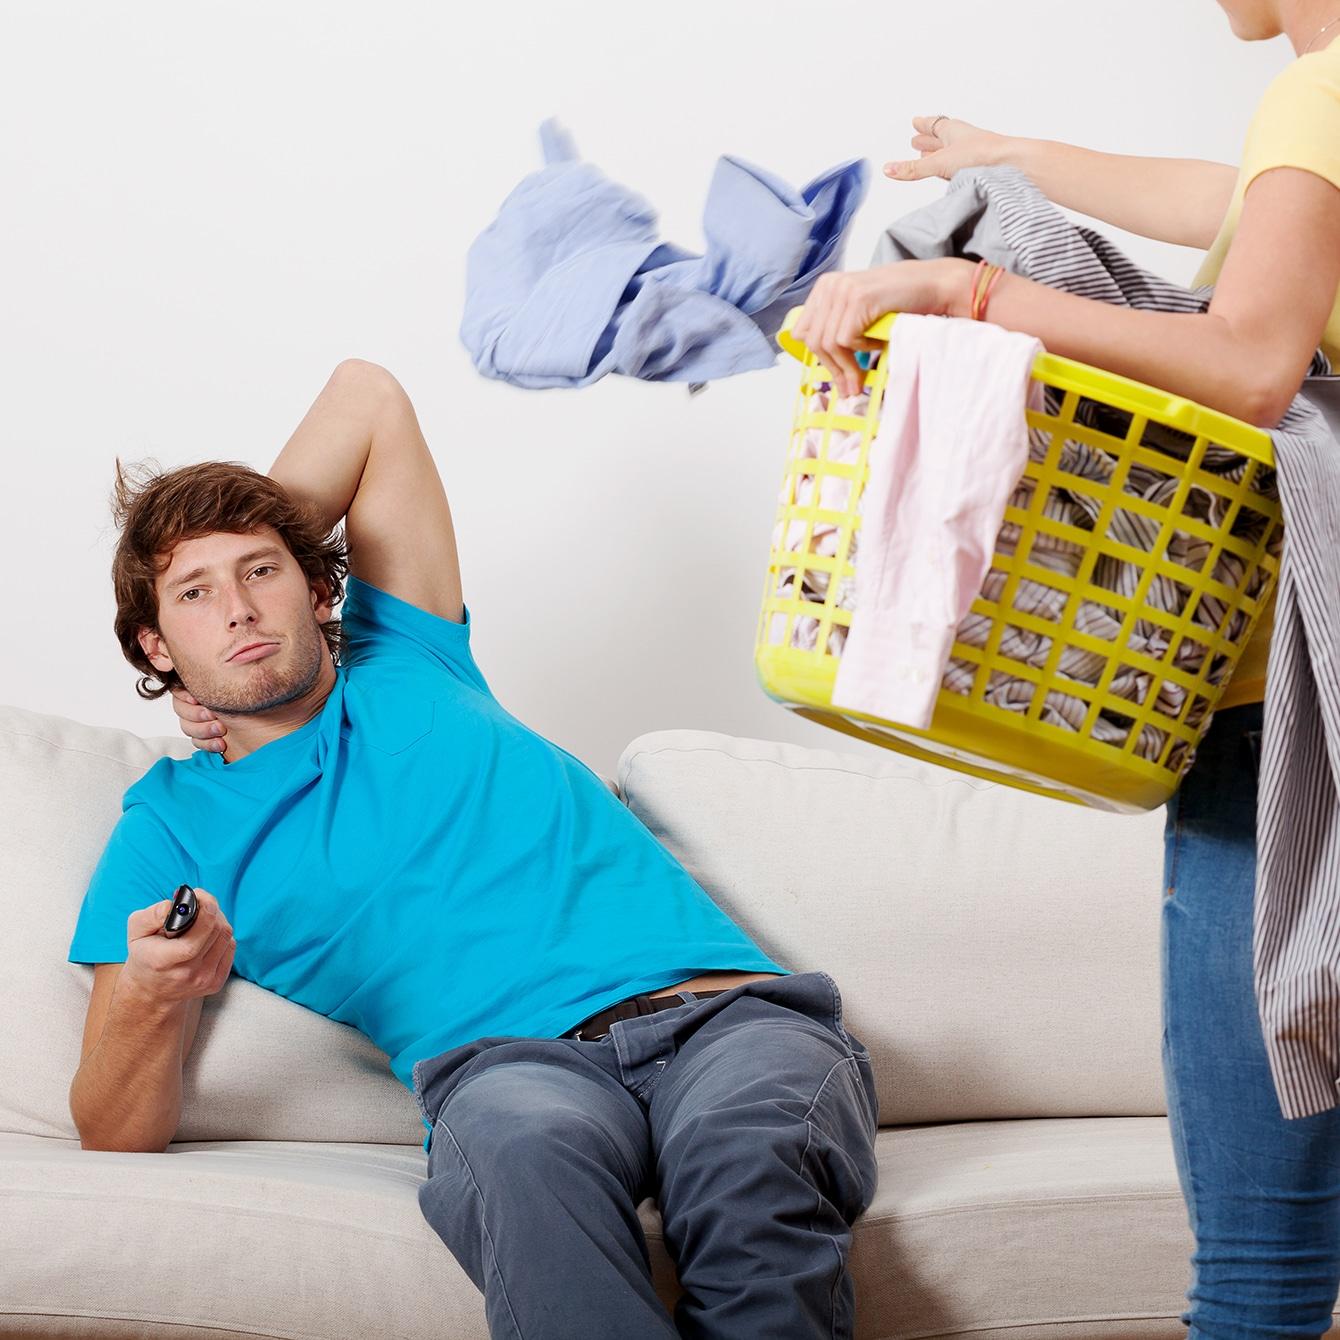 『妻のトリセツ』著者が「何もしない夫」を「頼れる夫」に変えた方法2つ